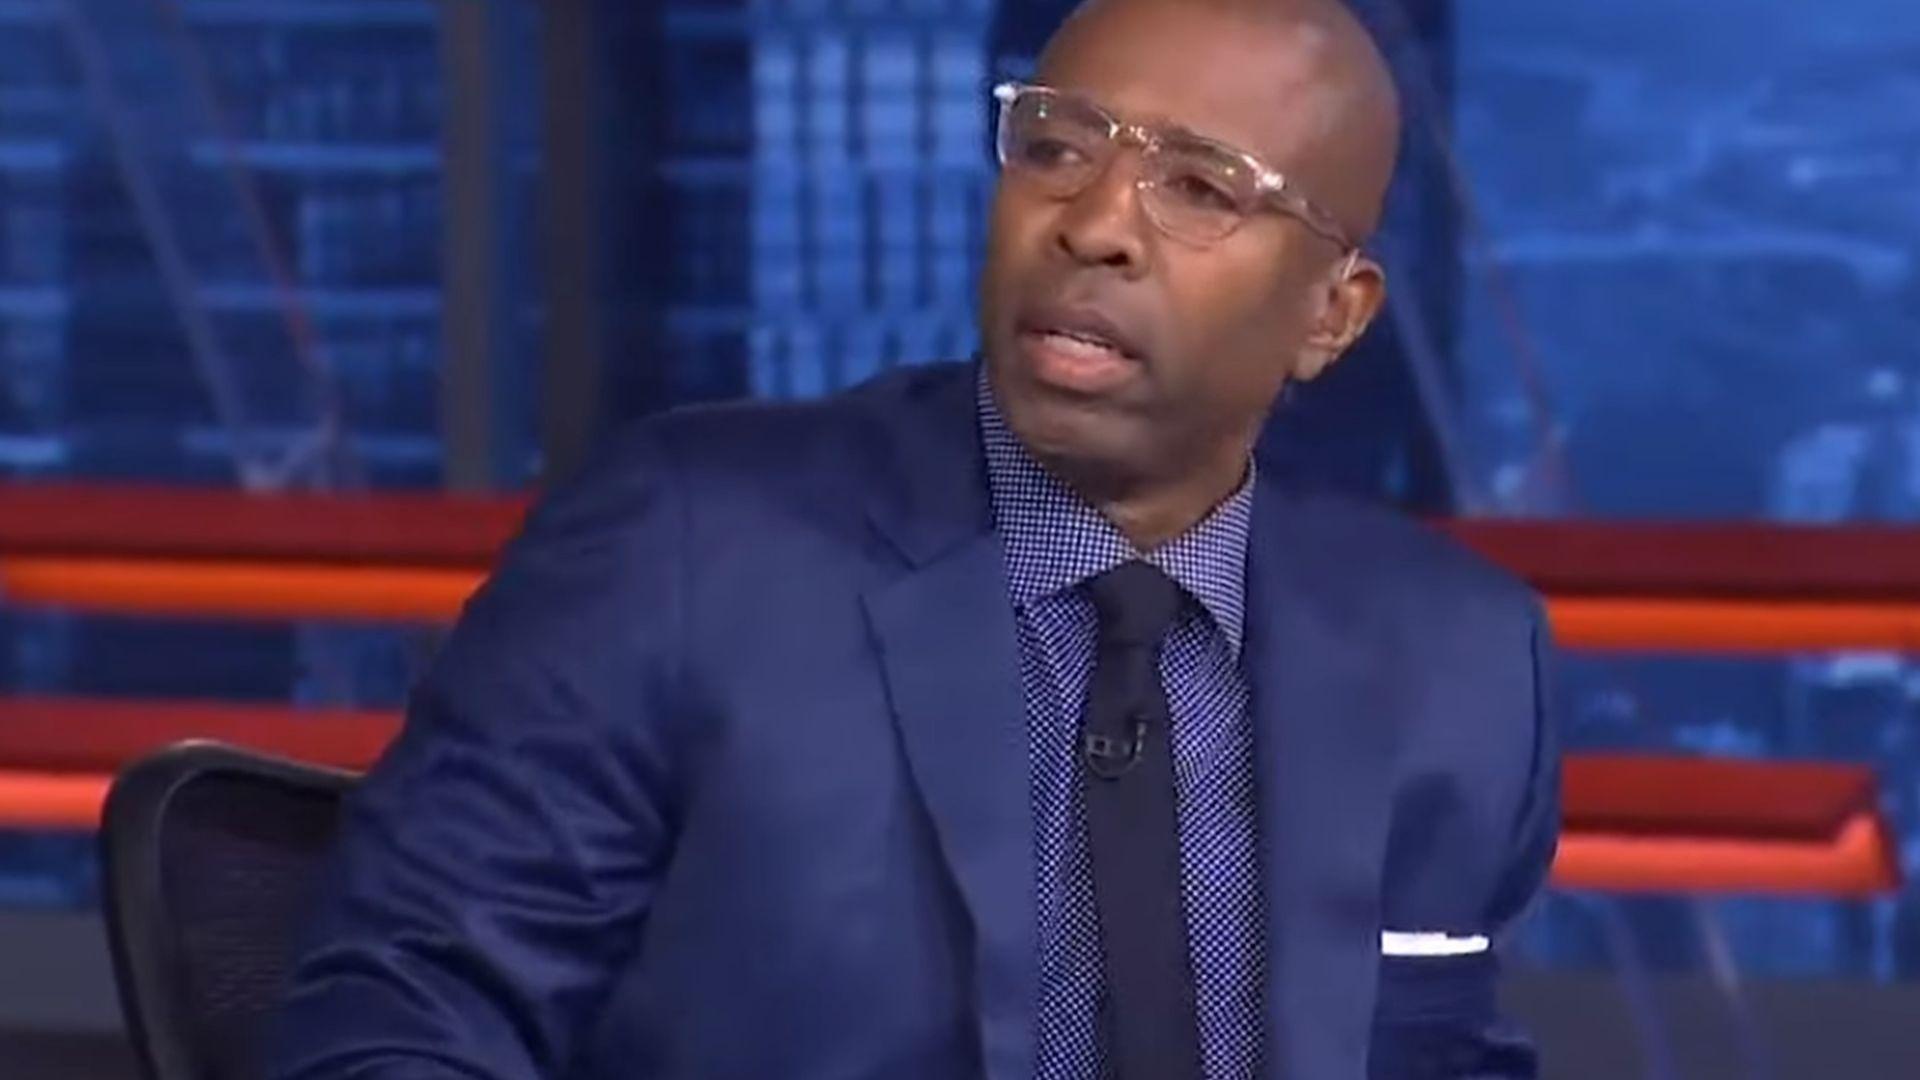 Анализатор напусна студио по време на живо предаване, солидарен с бойкота в НБА (Видео)